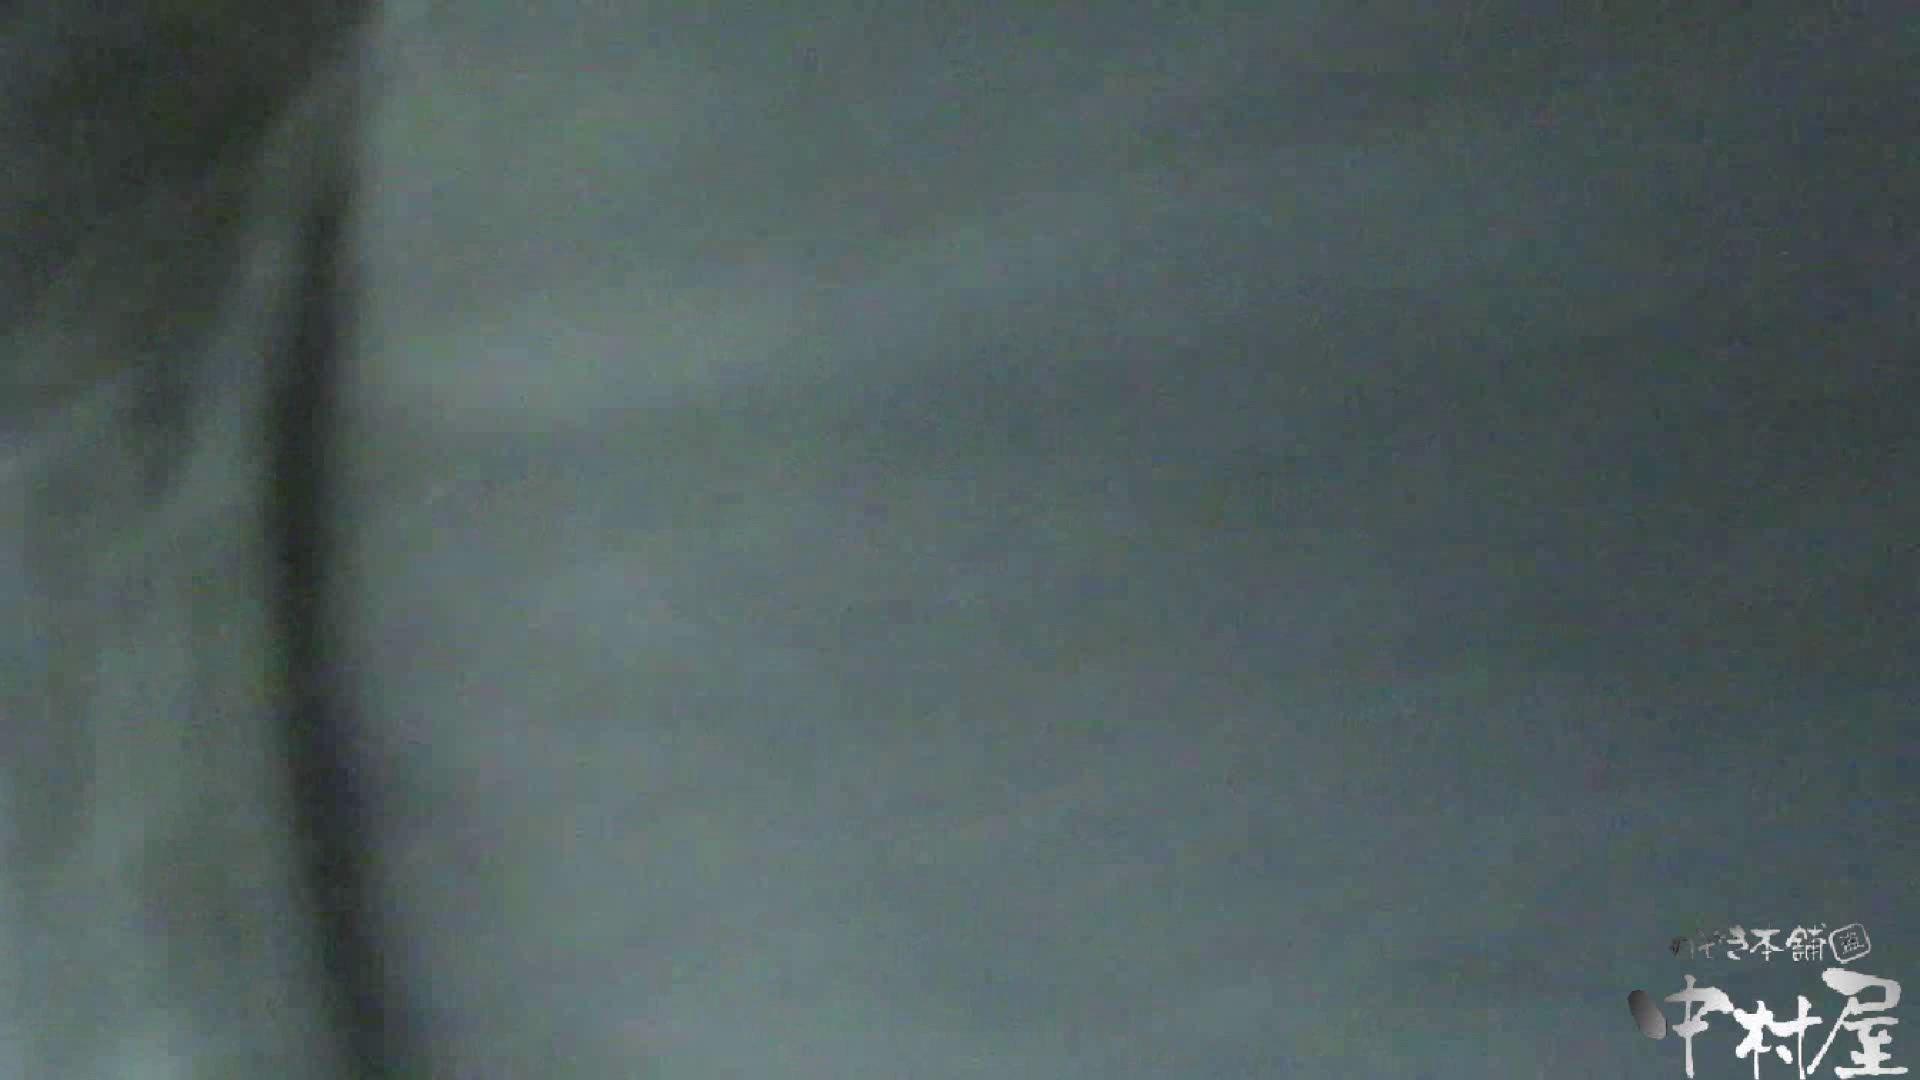 魂のかわや盗撮62連発! 丁寧にオシリをフキフキ! 38発目! 黄金水 | 盗撮特集  95画像 62